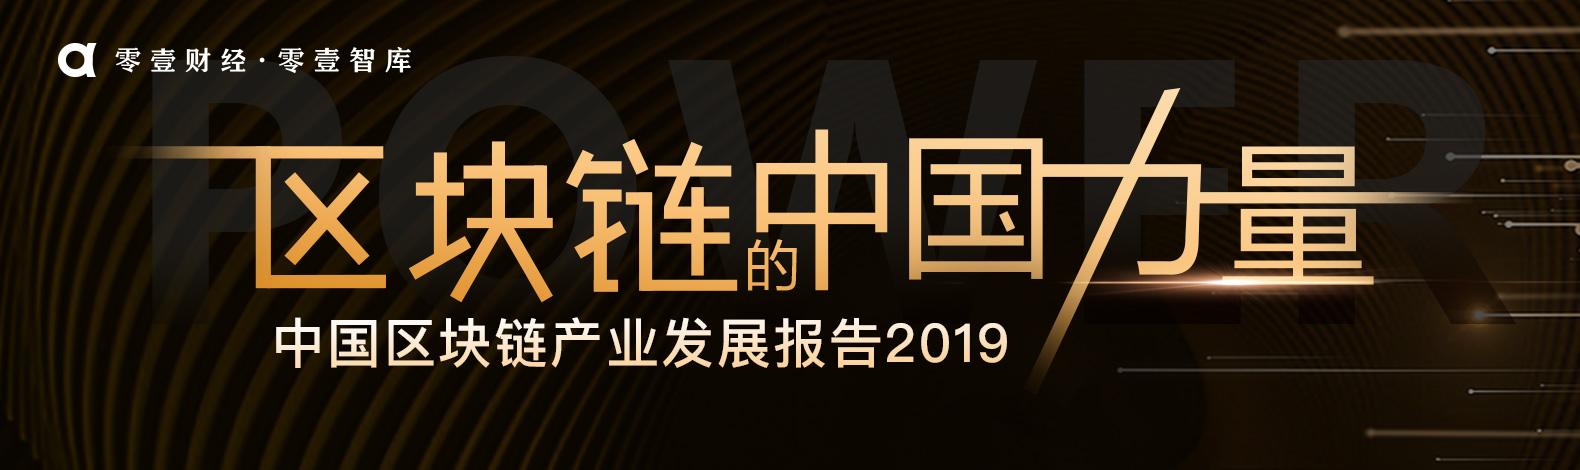 区块链的中国力量:中国区块链产业发展普查报告